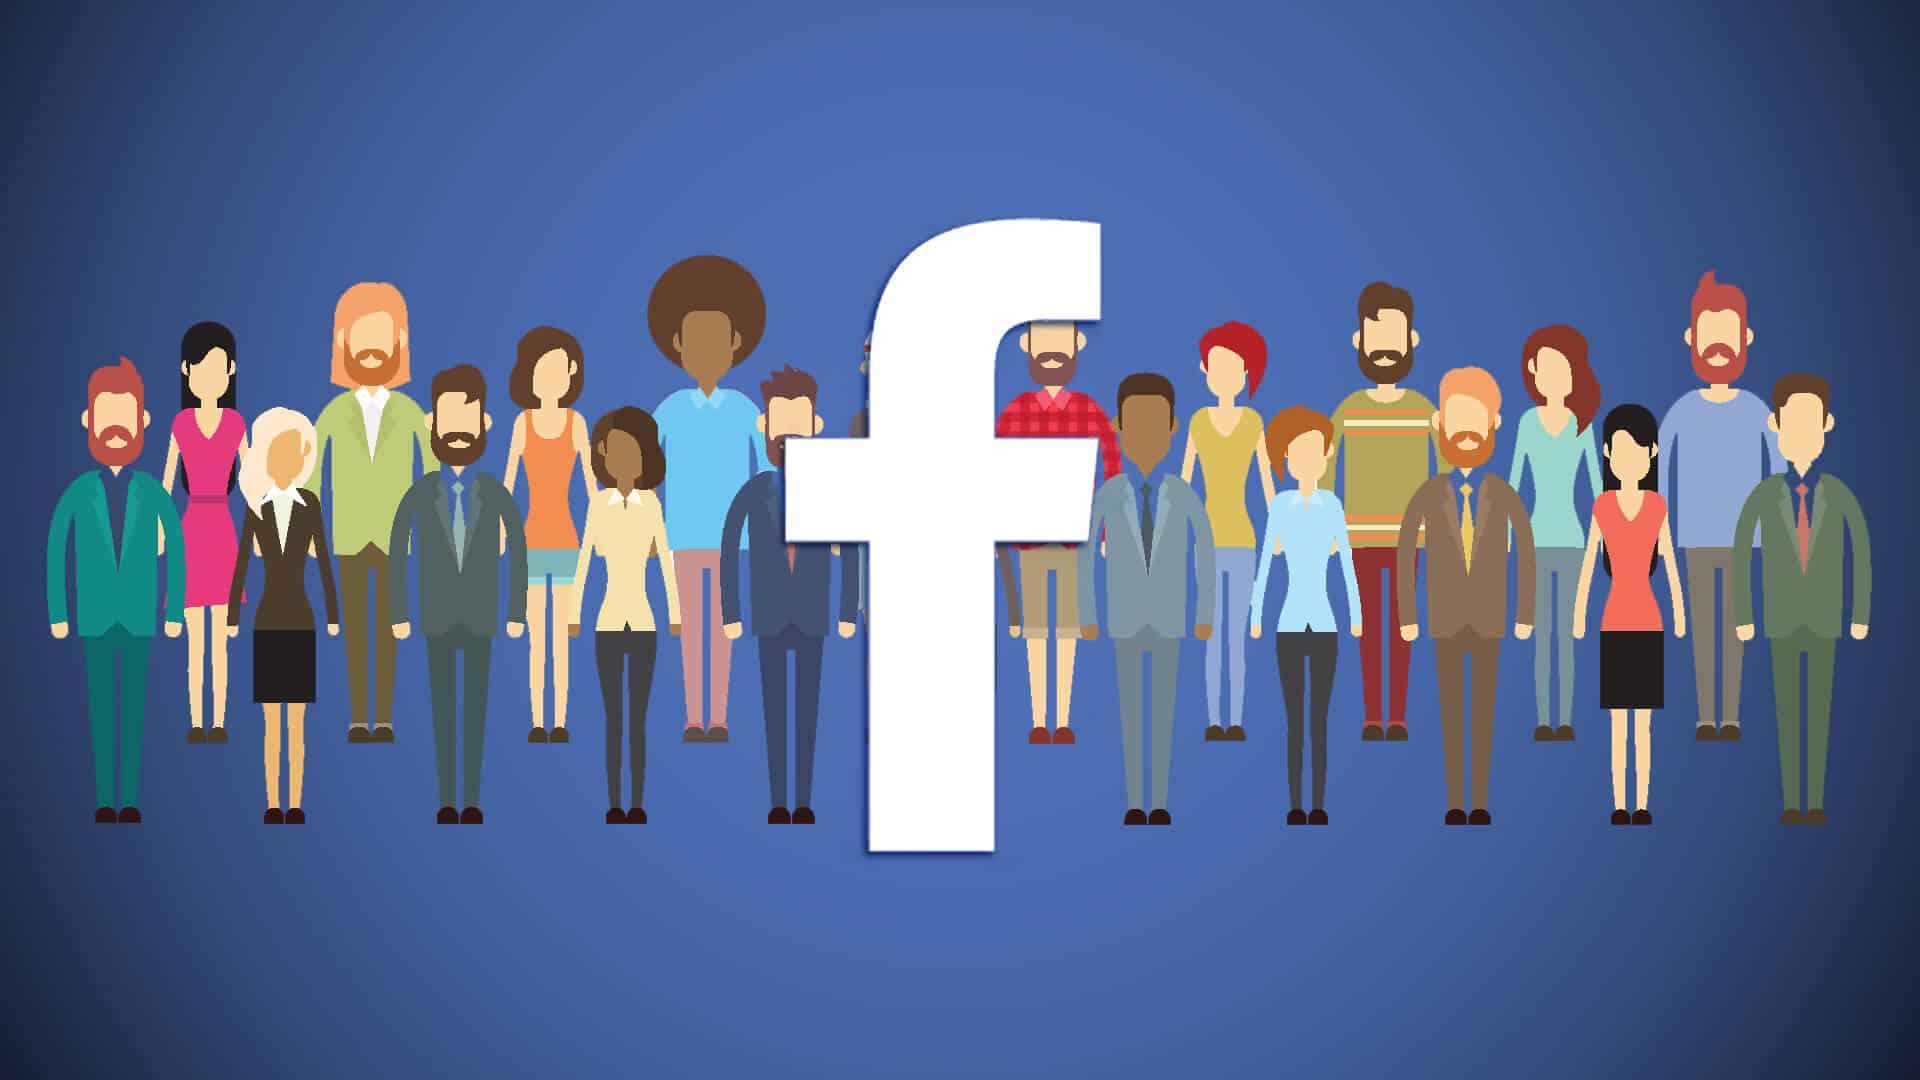 Kế hoạch tiếp thị nội dung 1 năm trên facebook